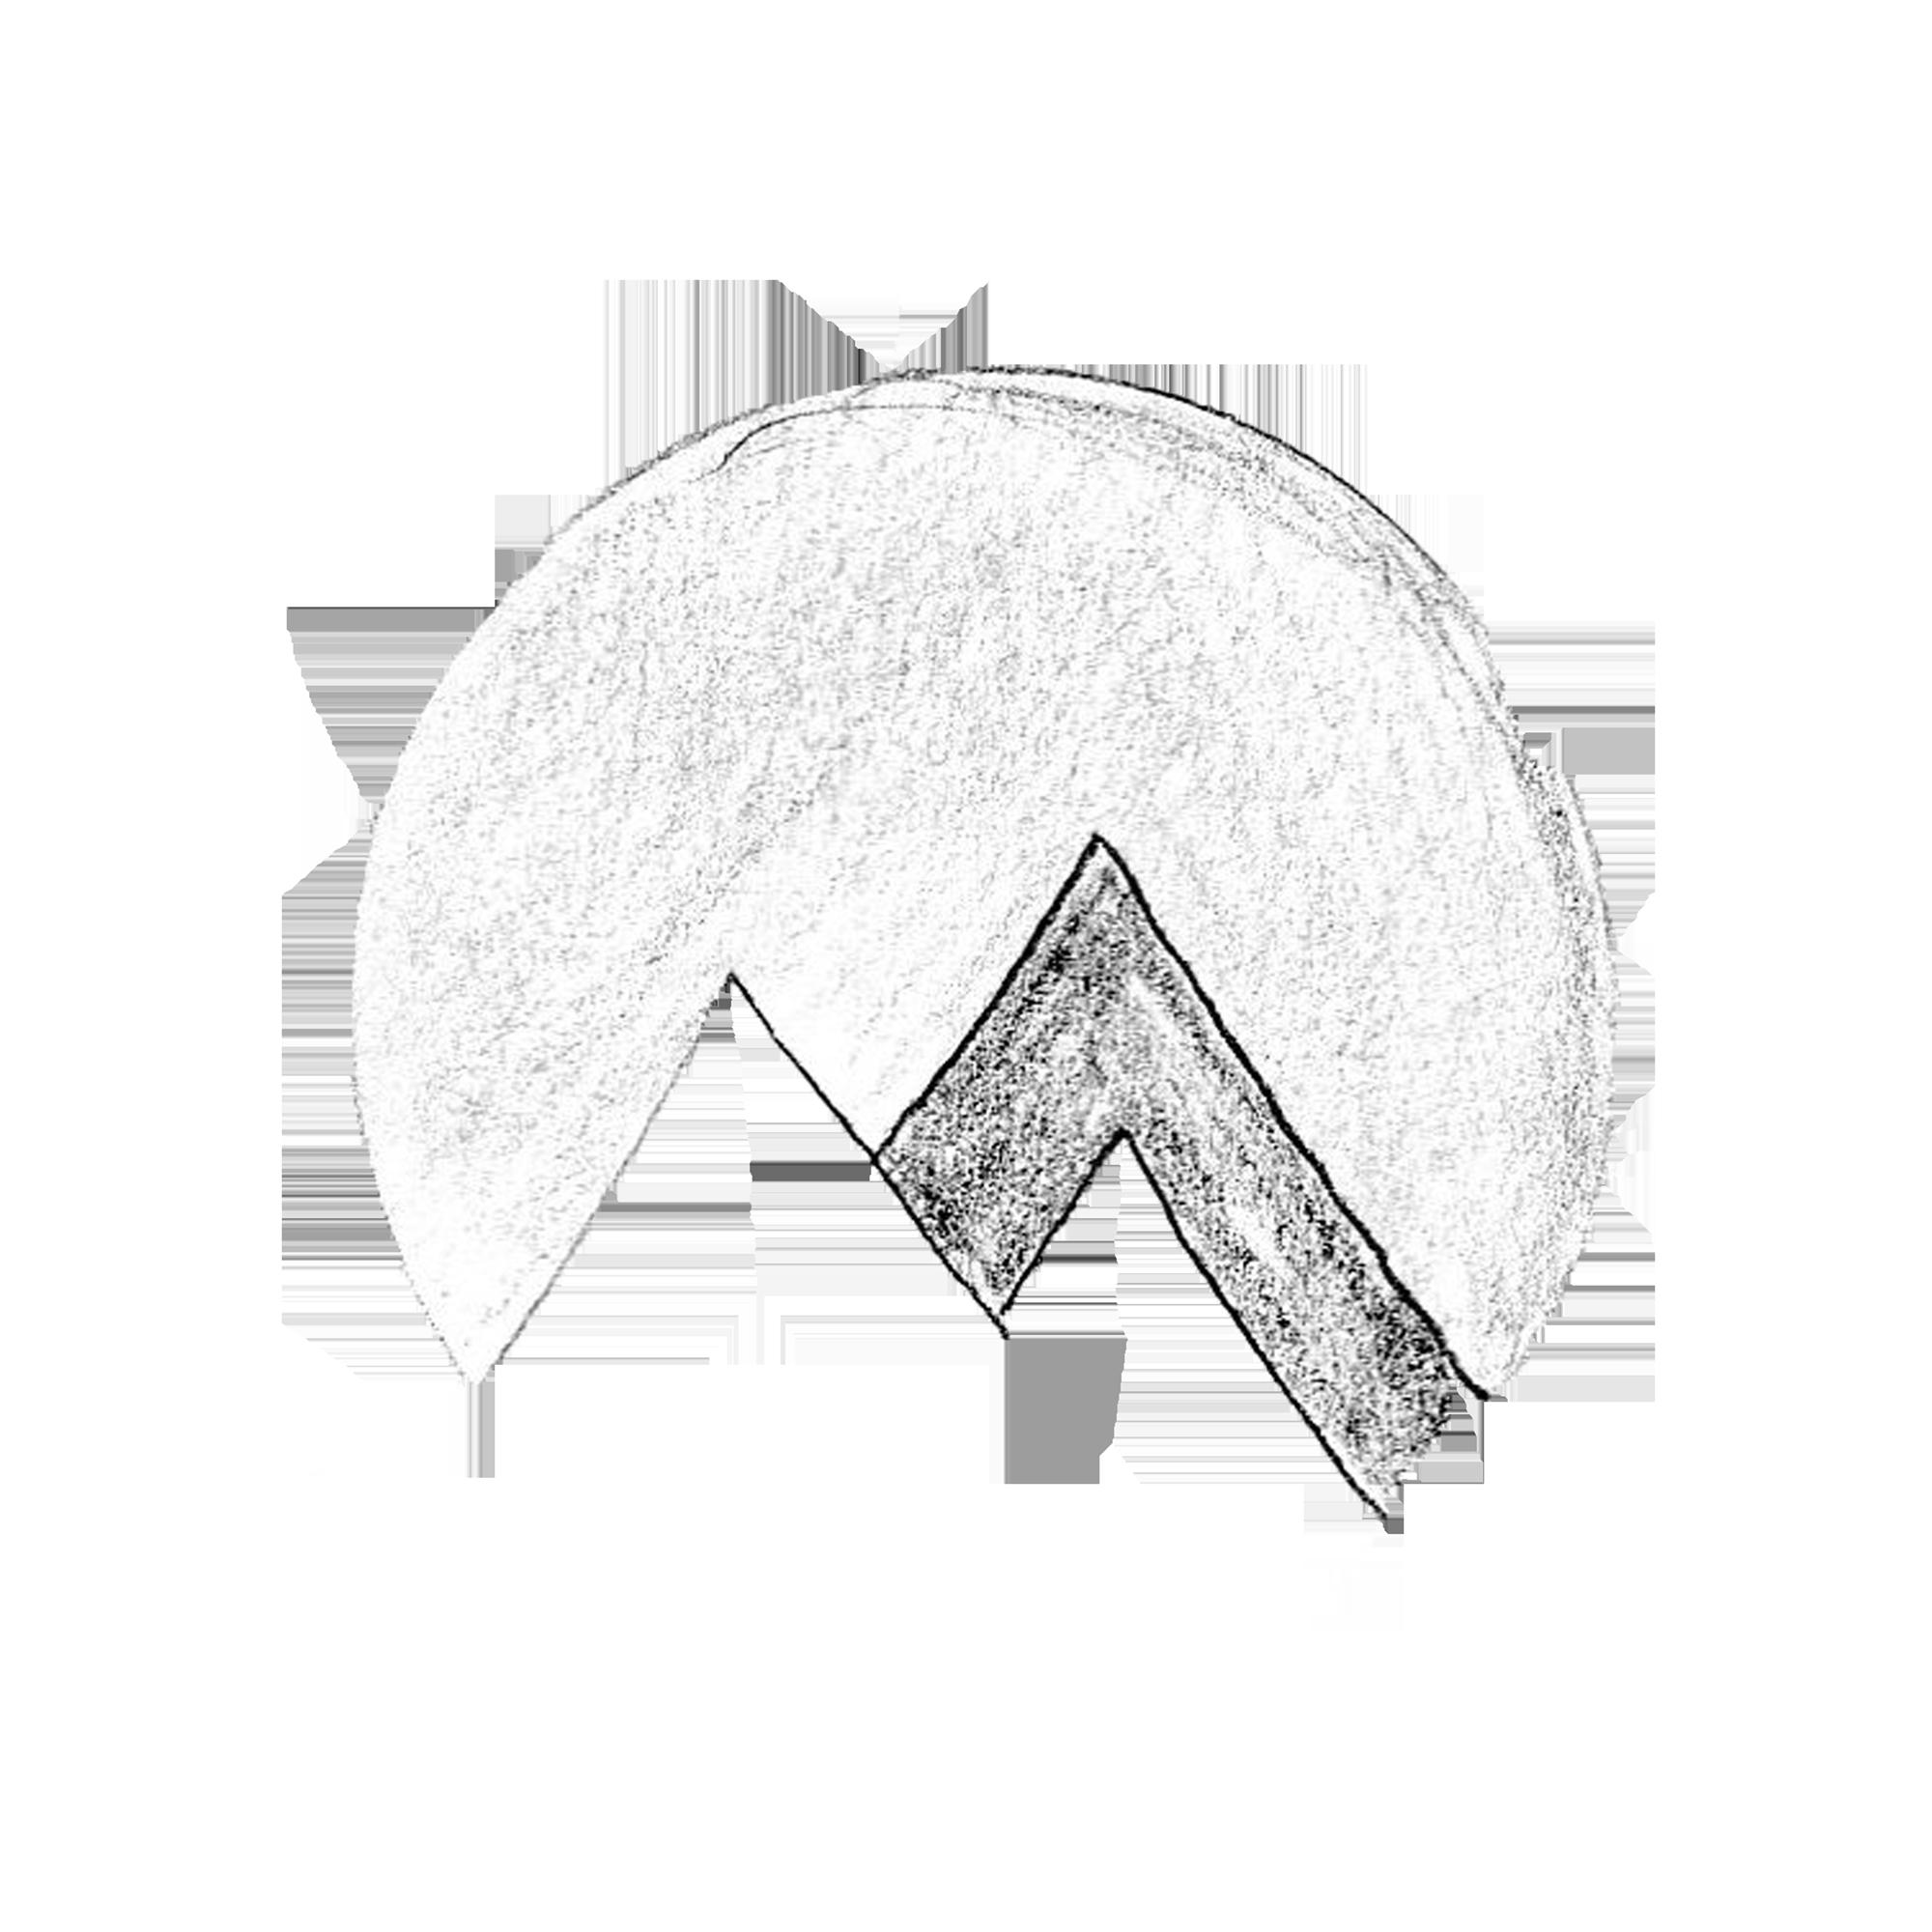 d-00.02-portfolio-alporium-brand-sketches-4.png